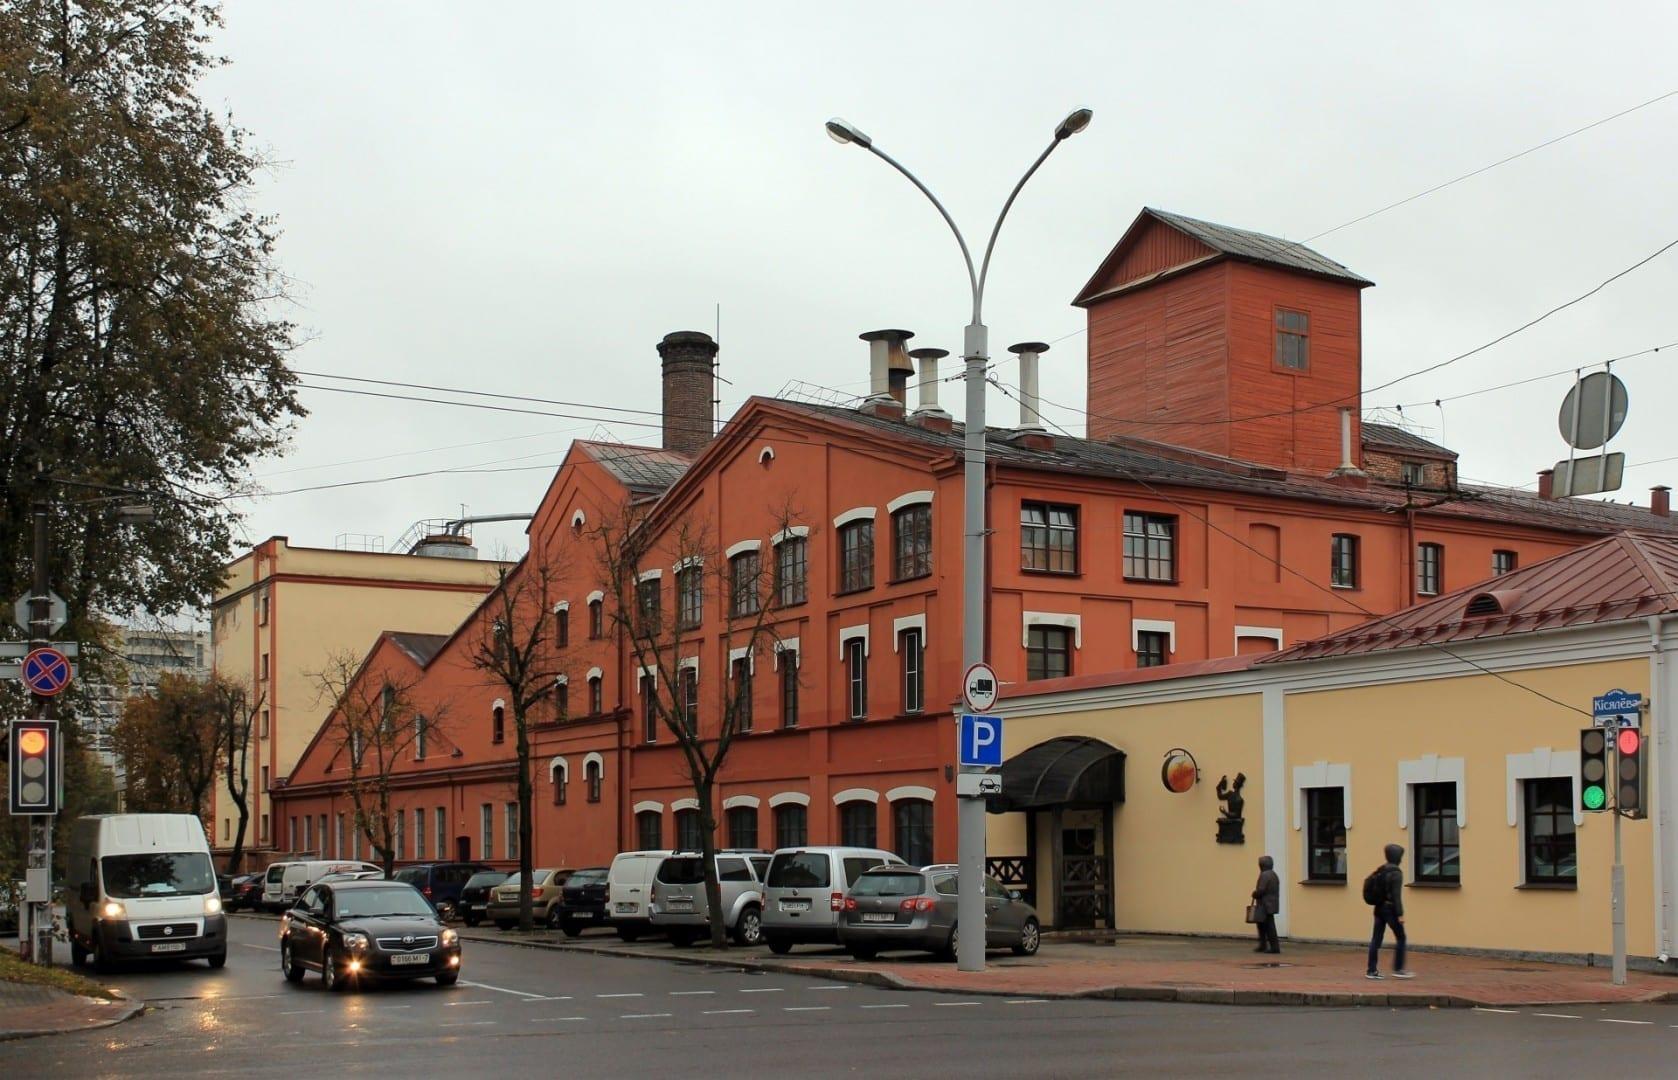 Cervecería Alivaria Minsk Bielorrusia